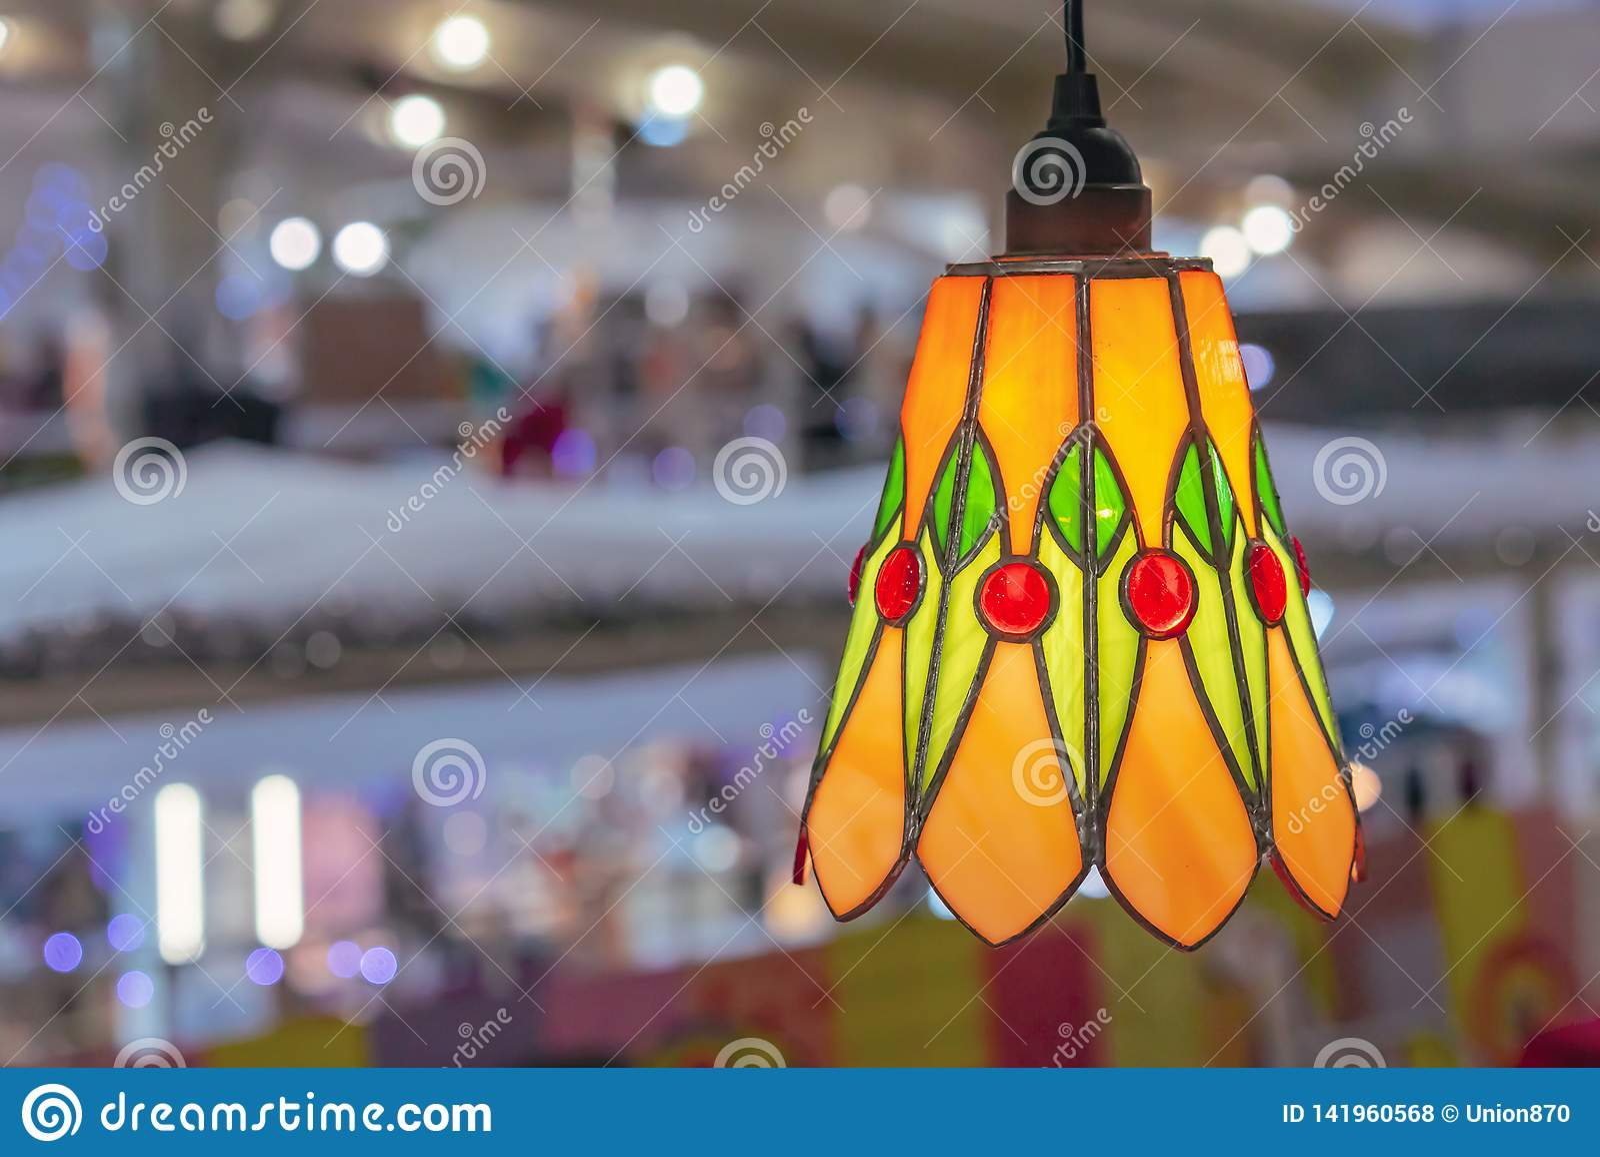 Lámpara coloreada del vitral en el interior